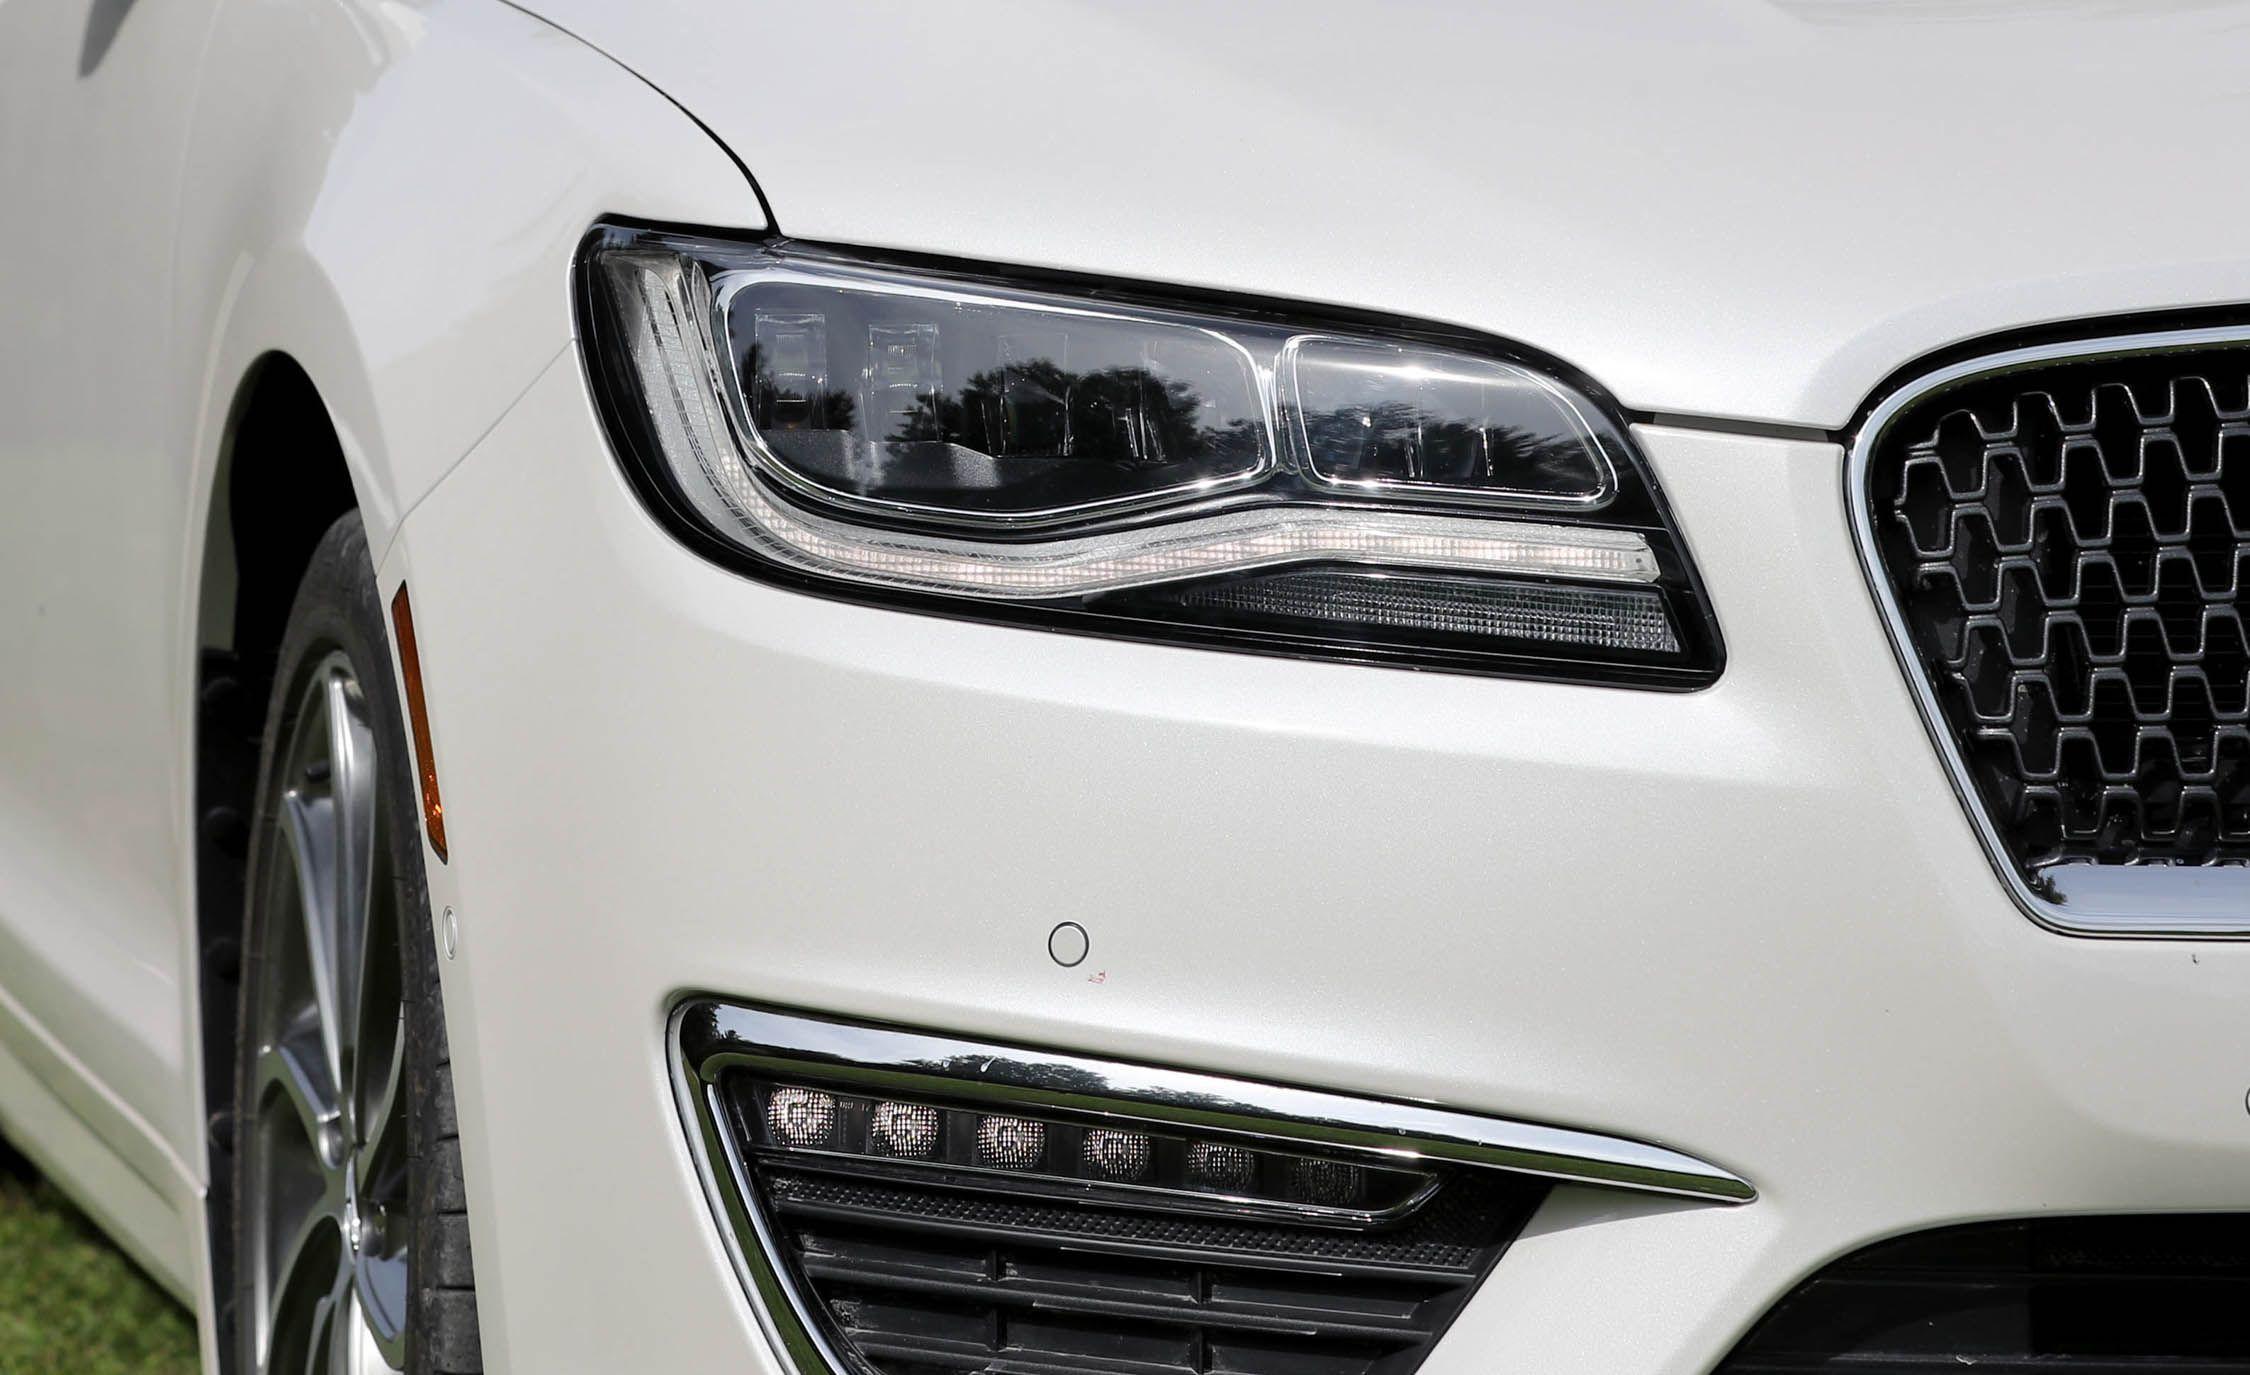 2019 Lincoln Mkz Reviews Price Photos And Specs Kf Dohc V6 Engine Diagram Car Driver